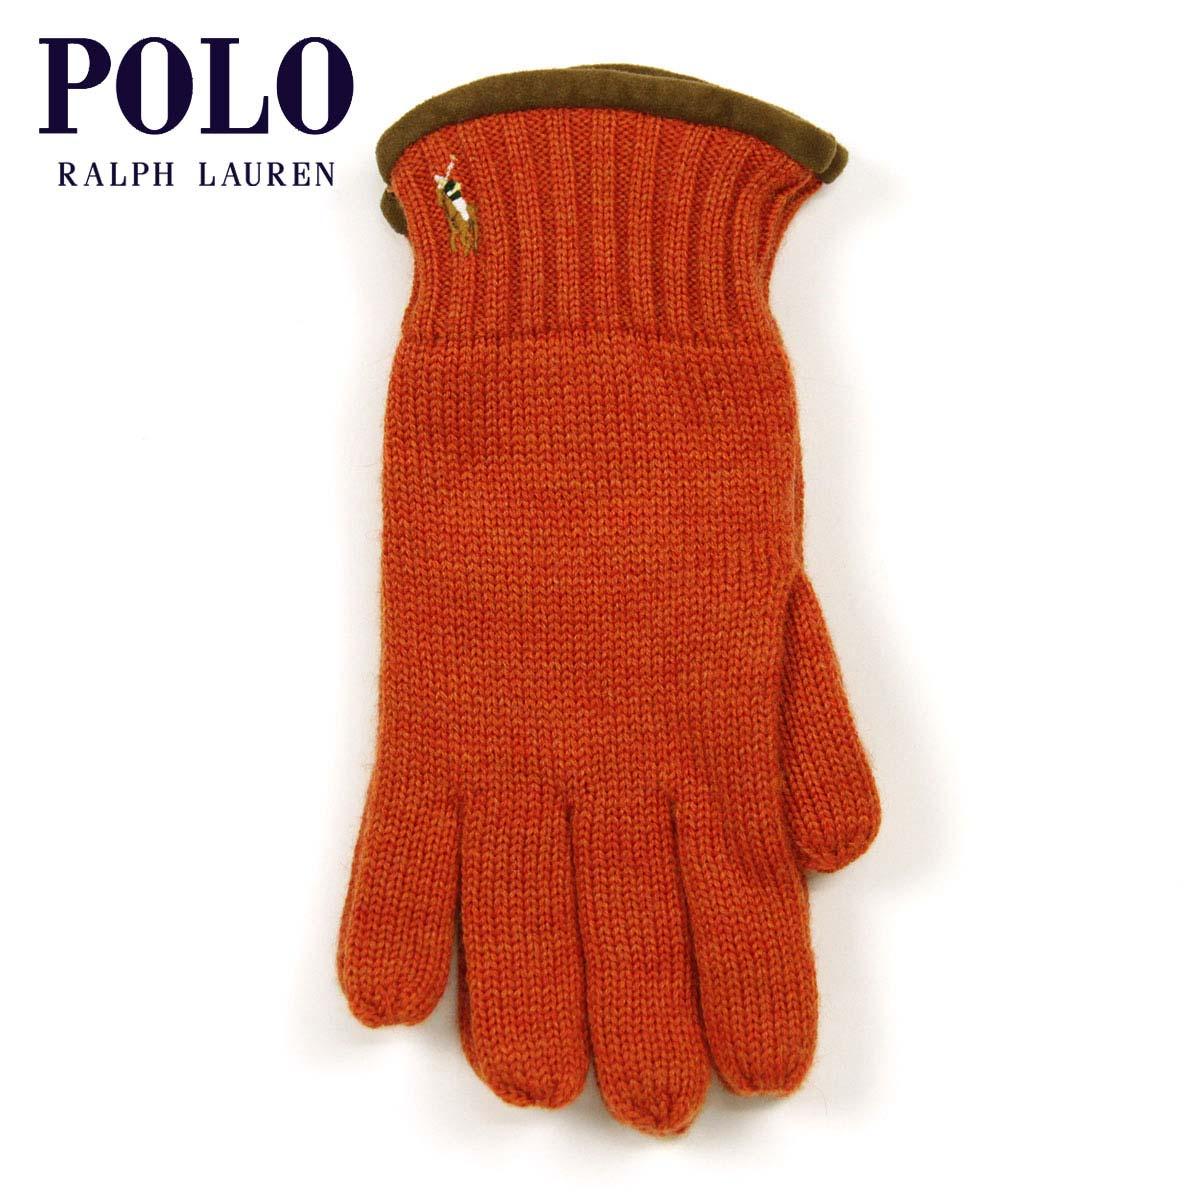 ポロ ラルフローレン POLO RALPH LAUREN 正規品 手袋 Classic Merino Gloves ORANGE D20S30